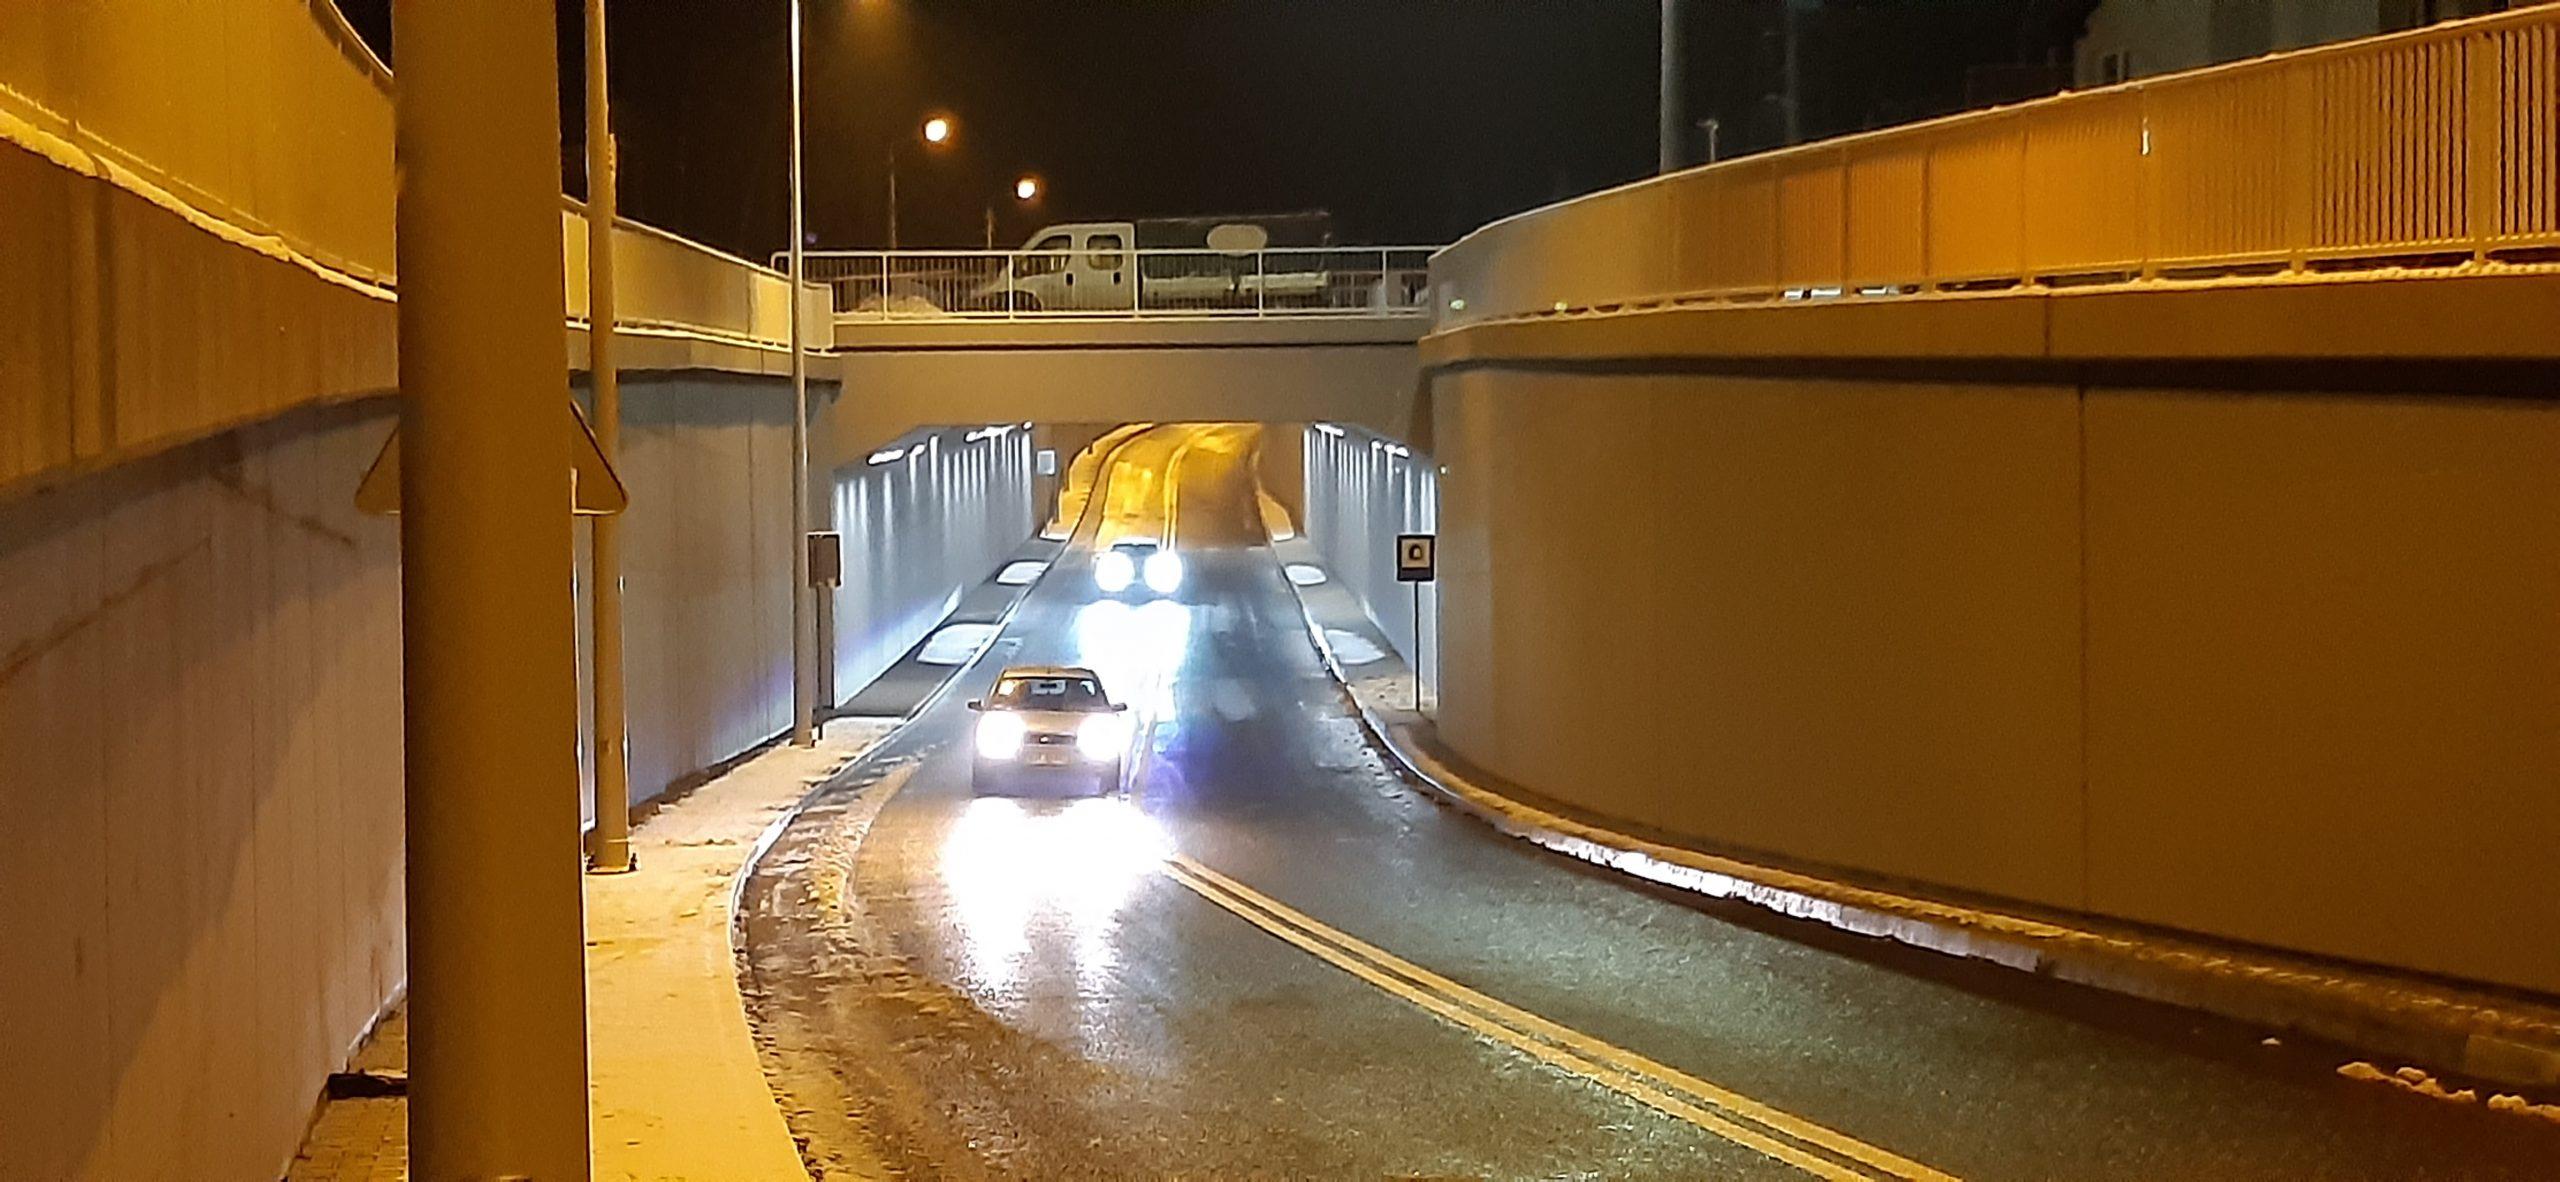 Zdjęcie przedstawia wiadukt drogowo - kolejowy wOtwocku przy ul.Żeromskiego orazjadący podnim samochód osobowy. Zmodernizowany obiekt wygląda nowocześnie. Podwiaduktem zamontowane jest oświetlenie.